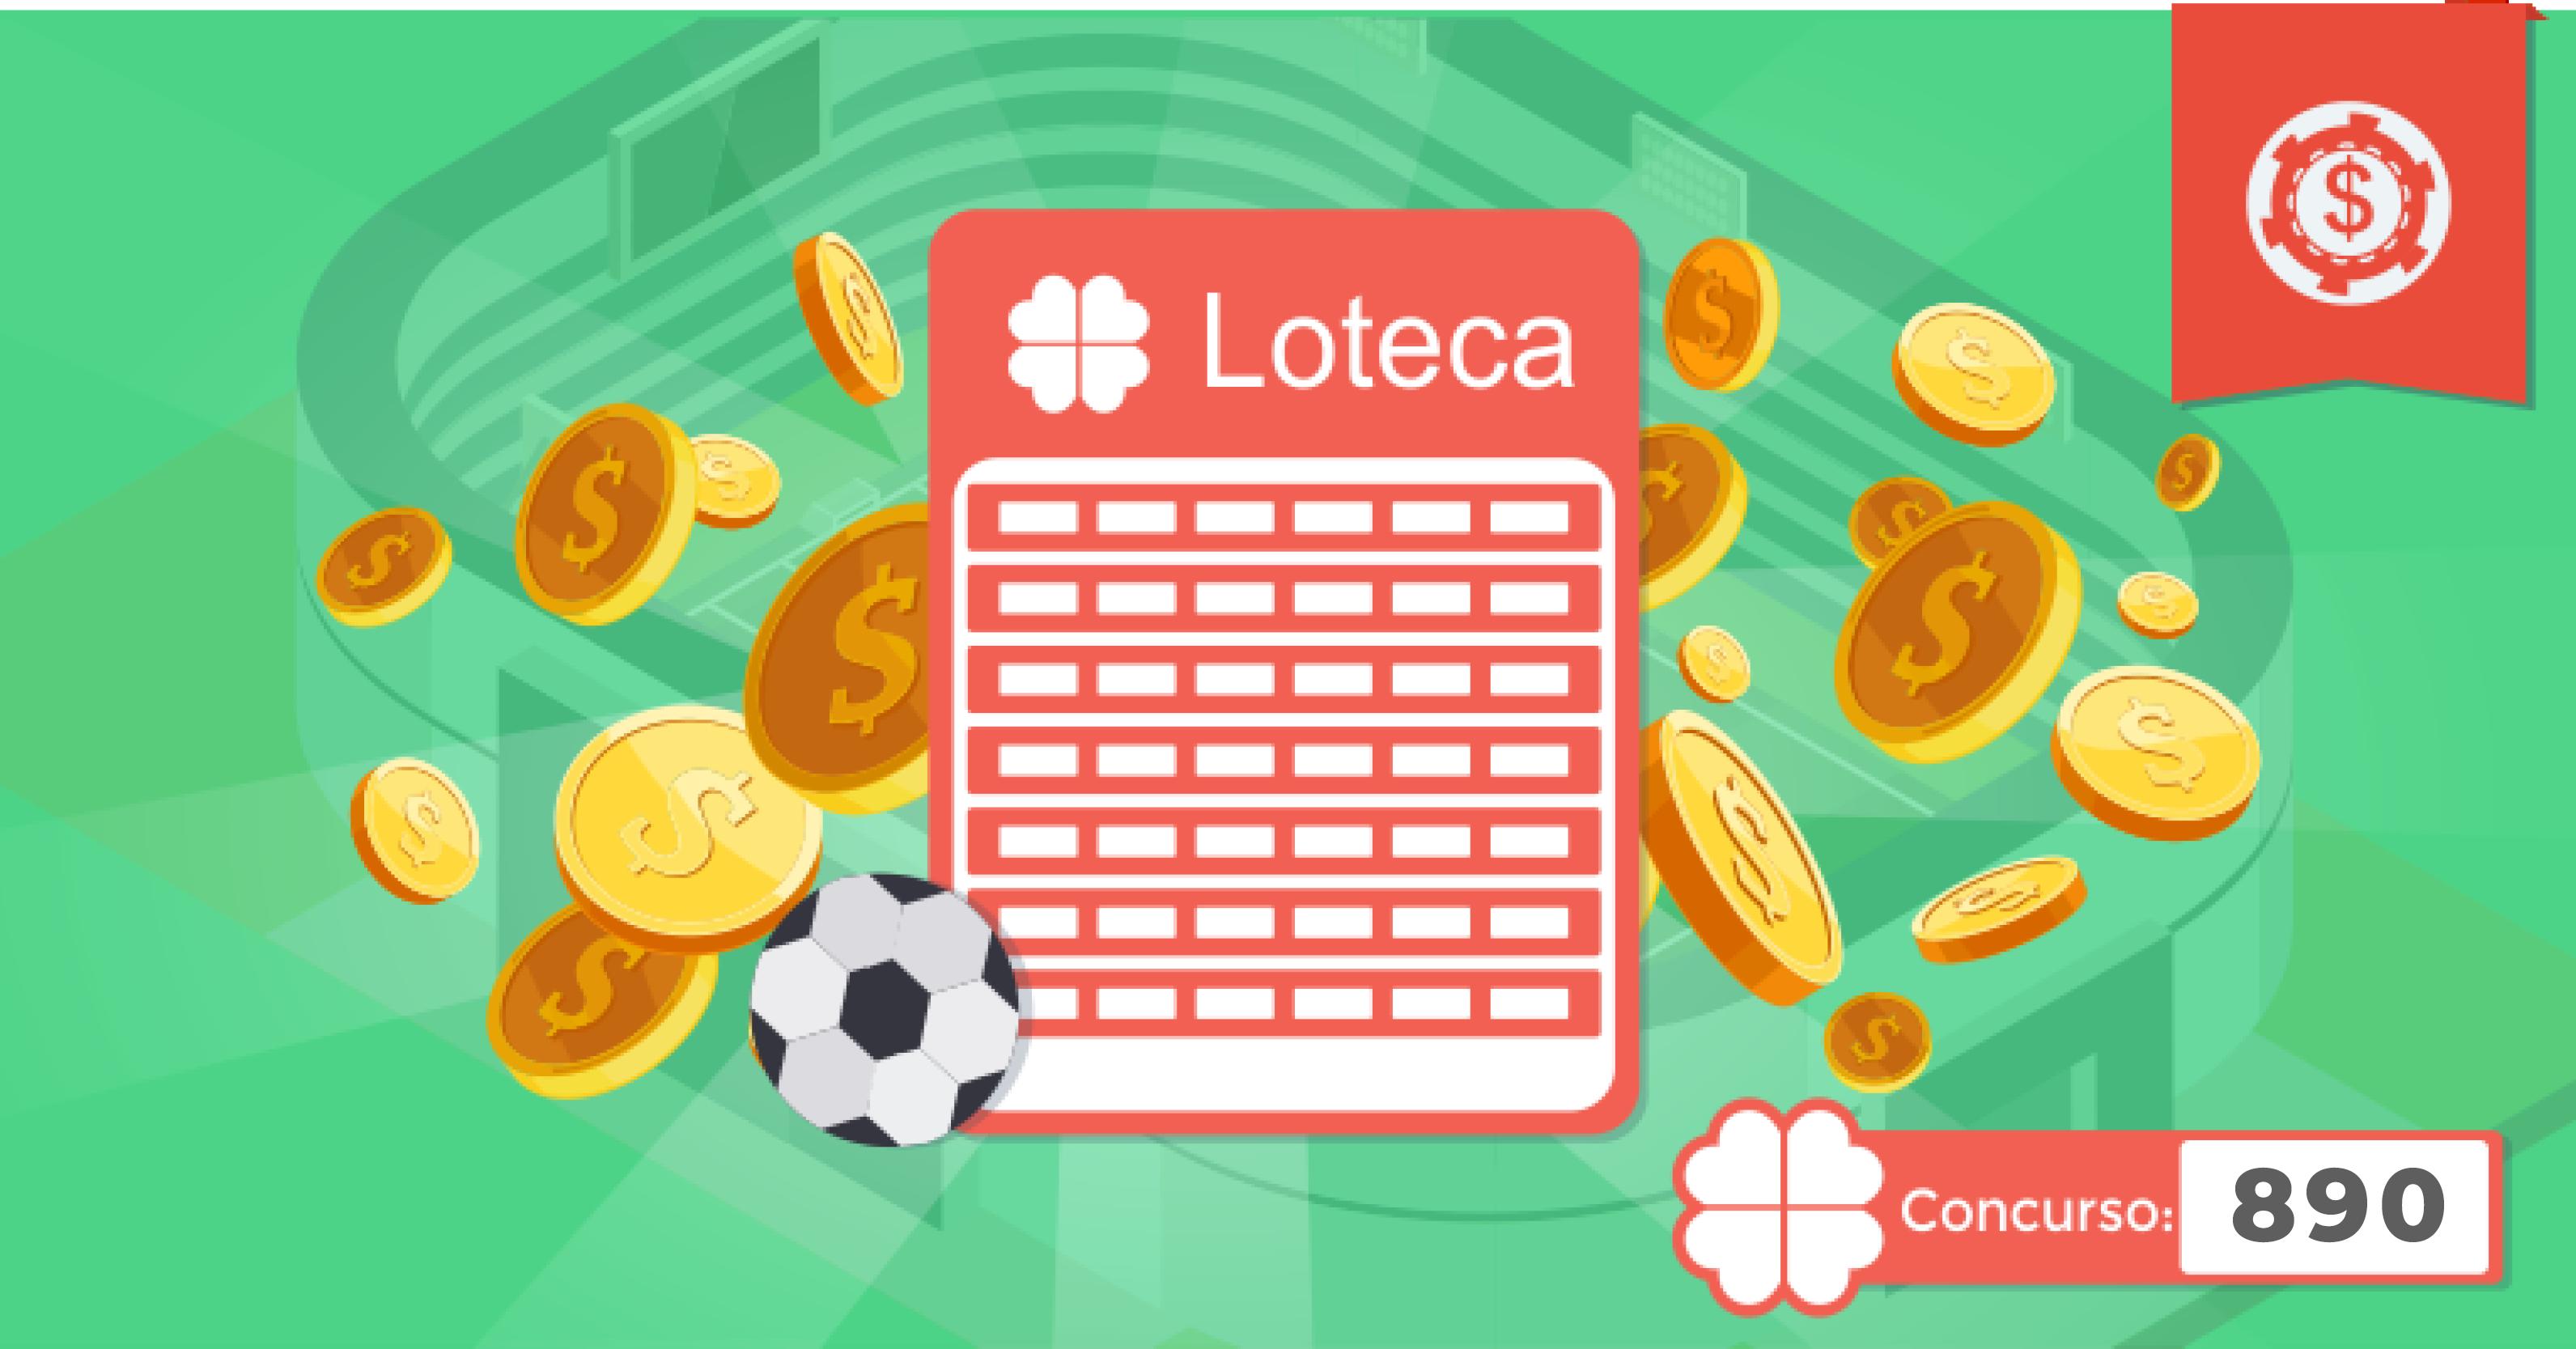 palpites-loteca-890-palpites-loteca-semana